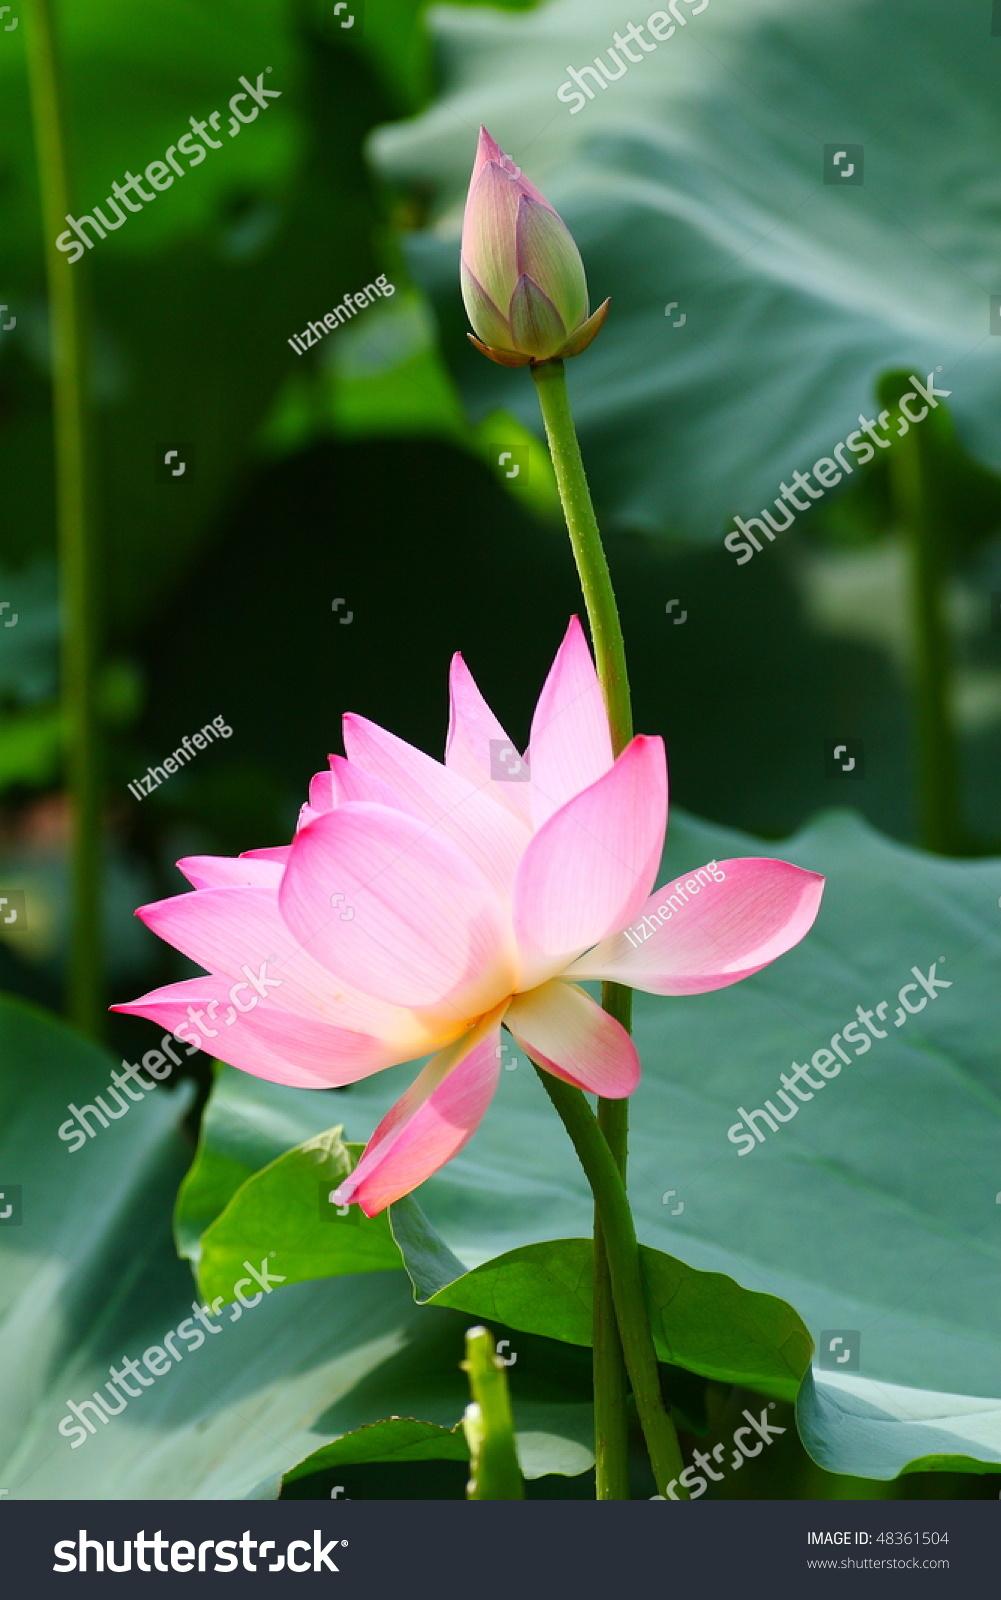 漂亮的粉红色的莲花